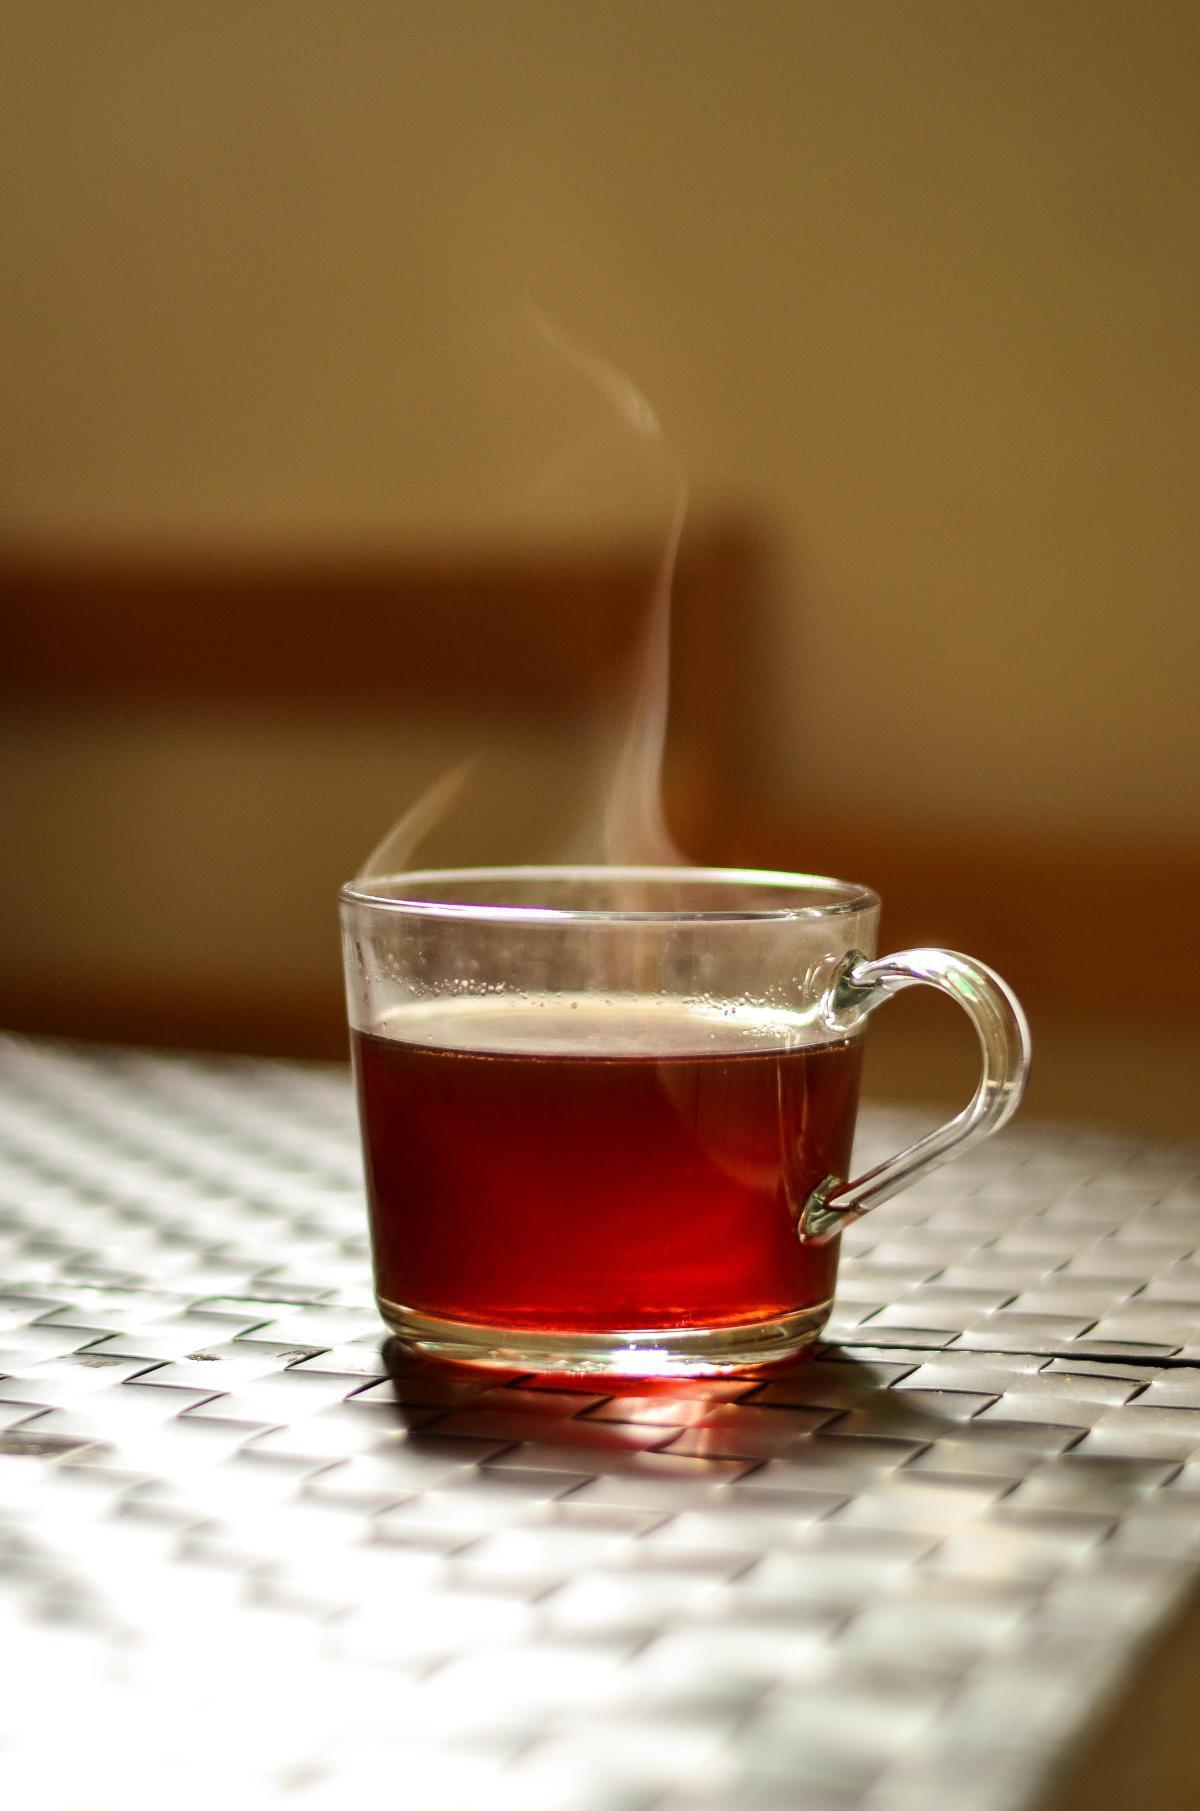 Übrig bleibt nur der Tee